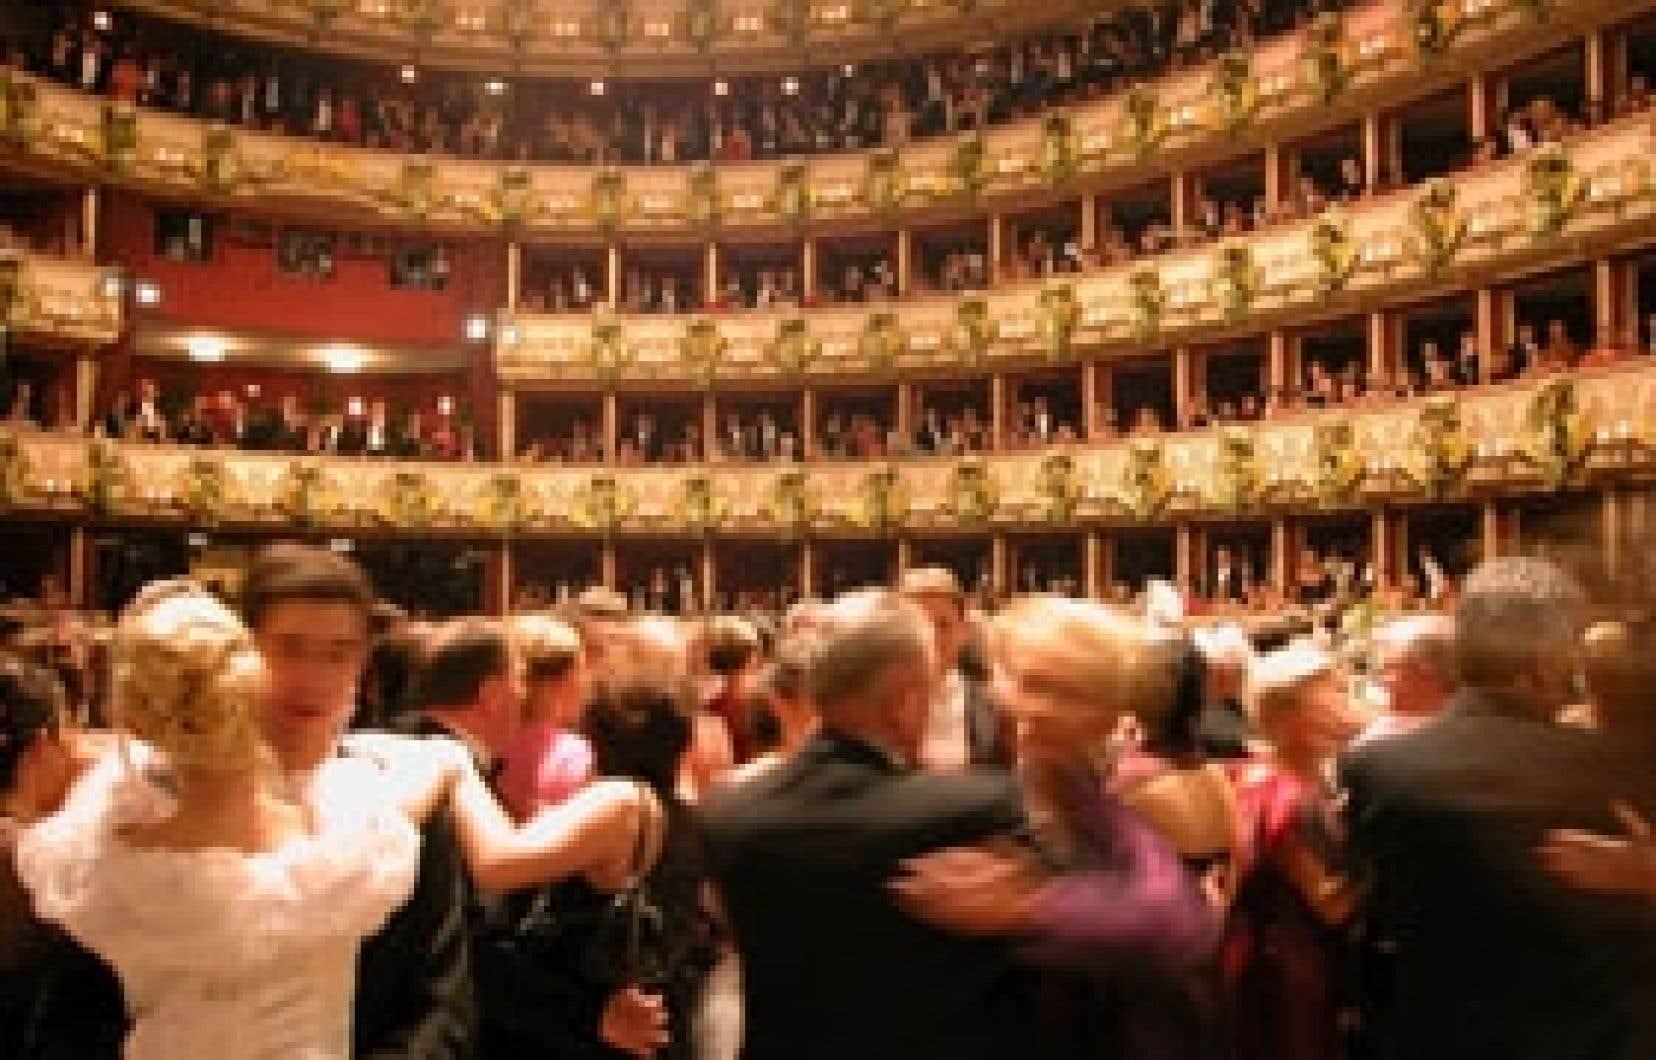 Mobilisant 7200 personnes (environ 5200 participants et 2000 musiciens, artistes, traiteurs, etc.), le bal de l'Opéra est le plus prestigieux, le plus opulent et le plus médiatisé de tous les bals viennois. Photo ci-dessous: selon Eva Draxler, du Bu